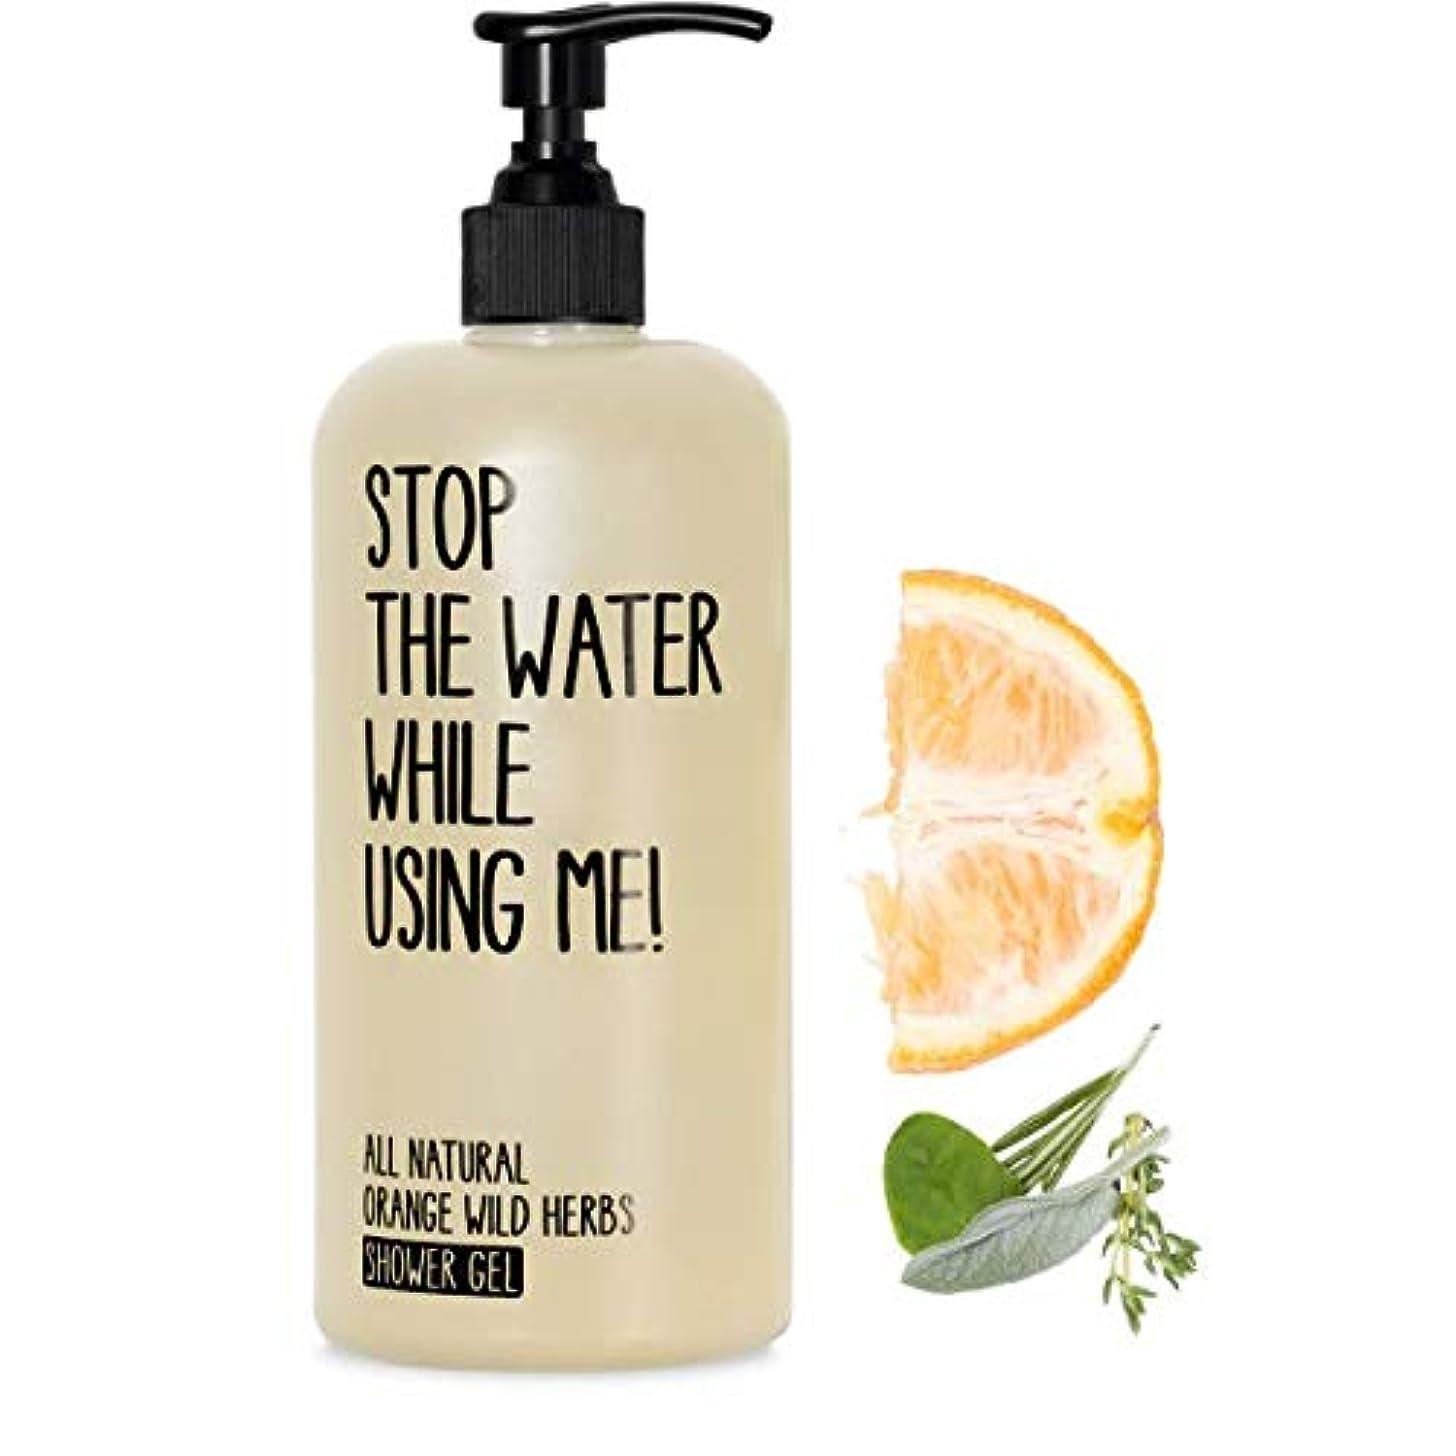 レコーダーチューブ気体の【STOP THE WATER WHILE USING ME!】 O&WHシャワージェル(オレンジ&ワイルドハーブ) 200ml